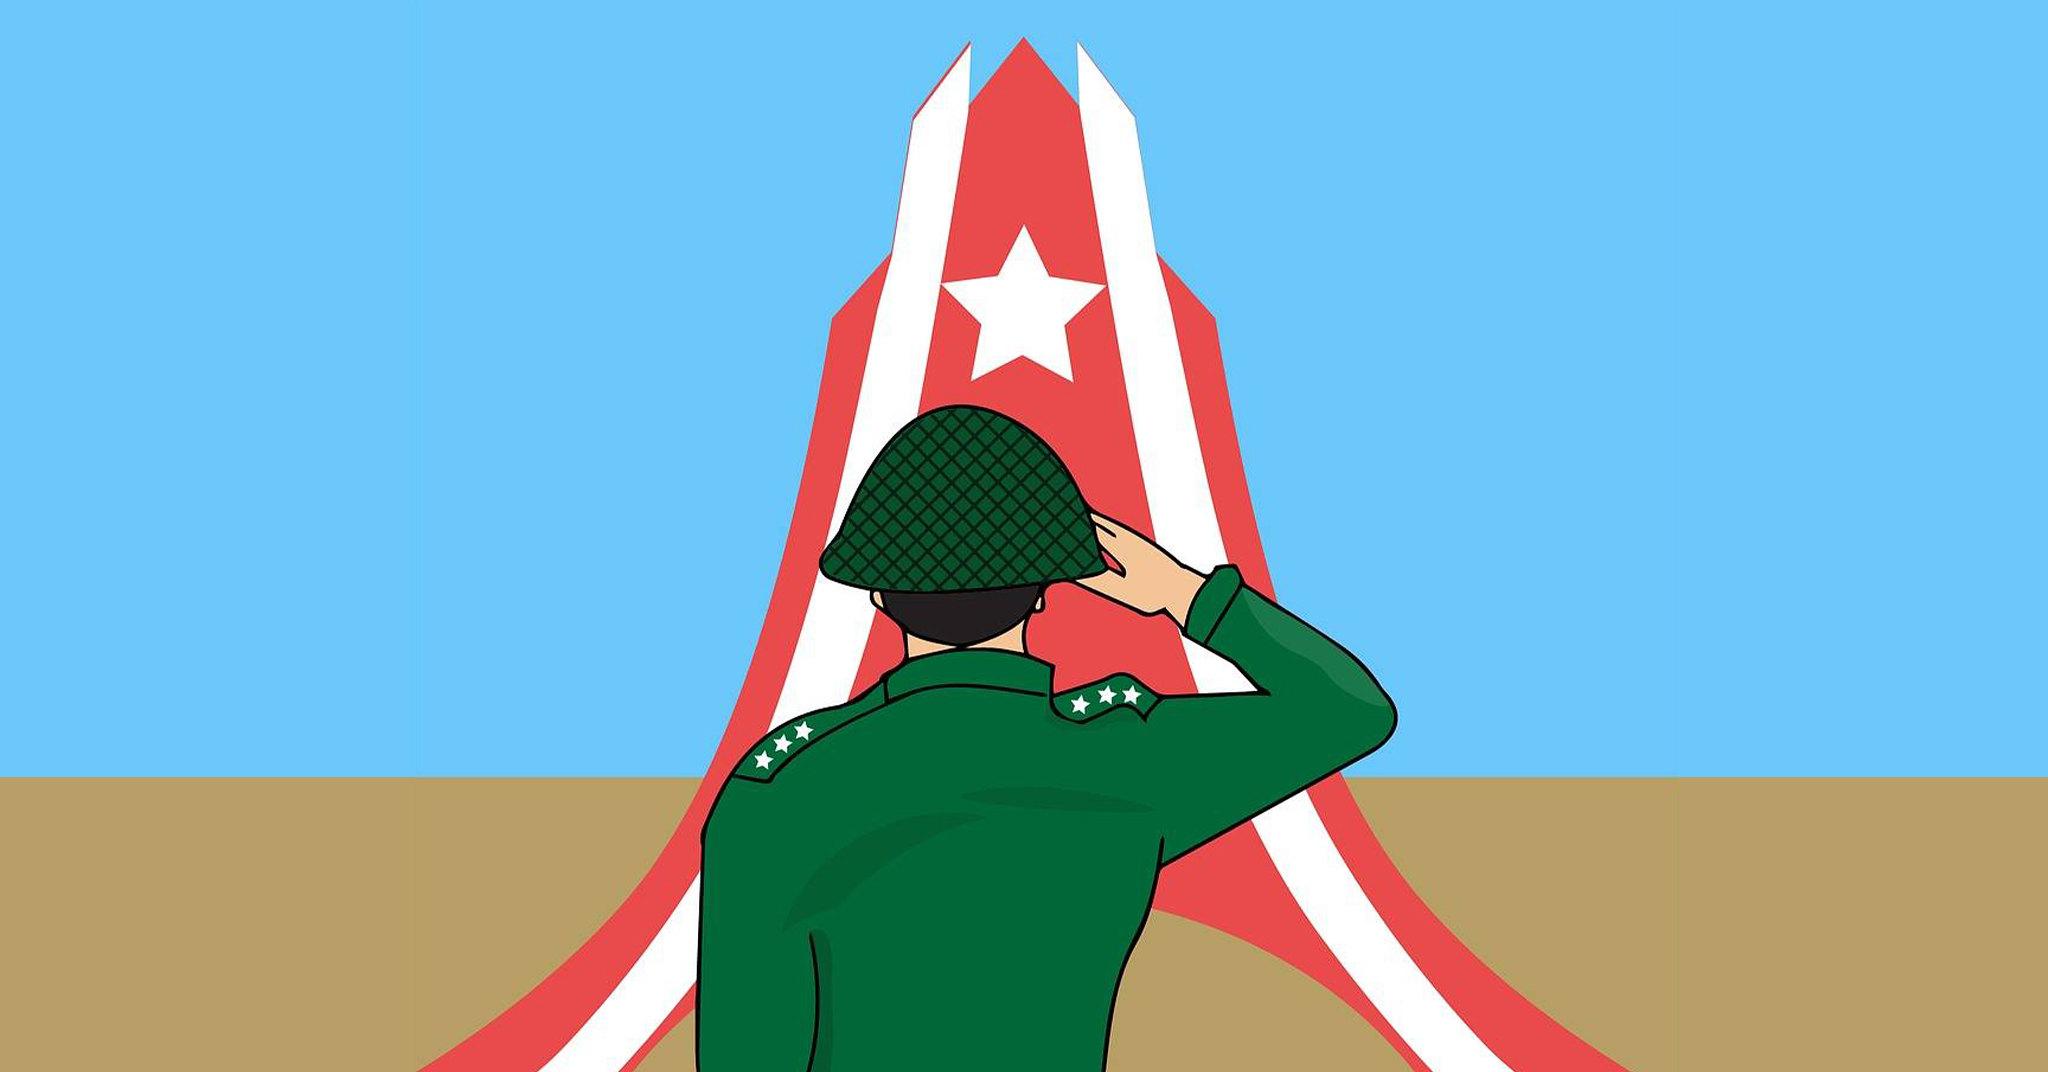 หรือเผด็จการพม่าได้ 'เปิดประตูนรก' วิเคราะห์สถานการณ์รัฐประหารพม่าจะขยายตัวรุนแรงแค่ไหน